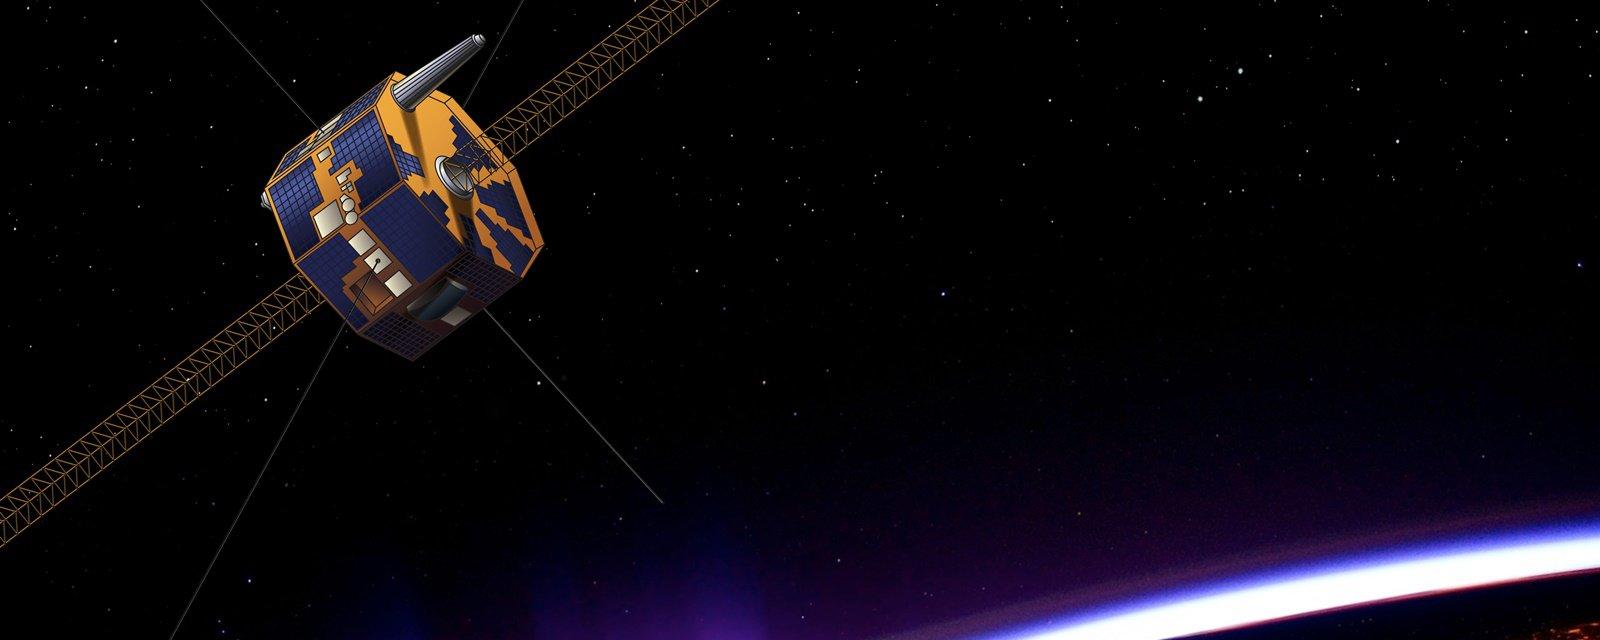 """Astrônomo amador encontra satélite da NASA """"perdido"""" há 13 anos"""